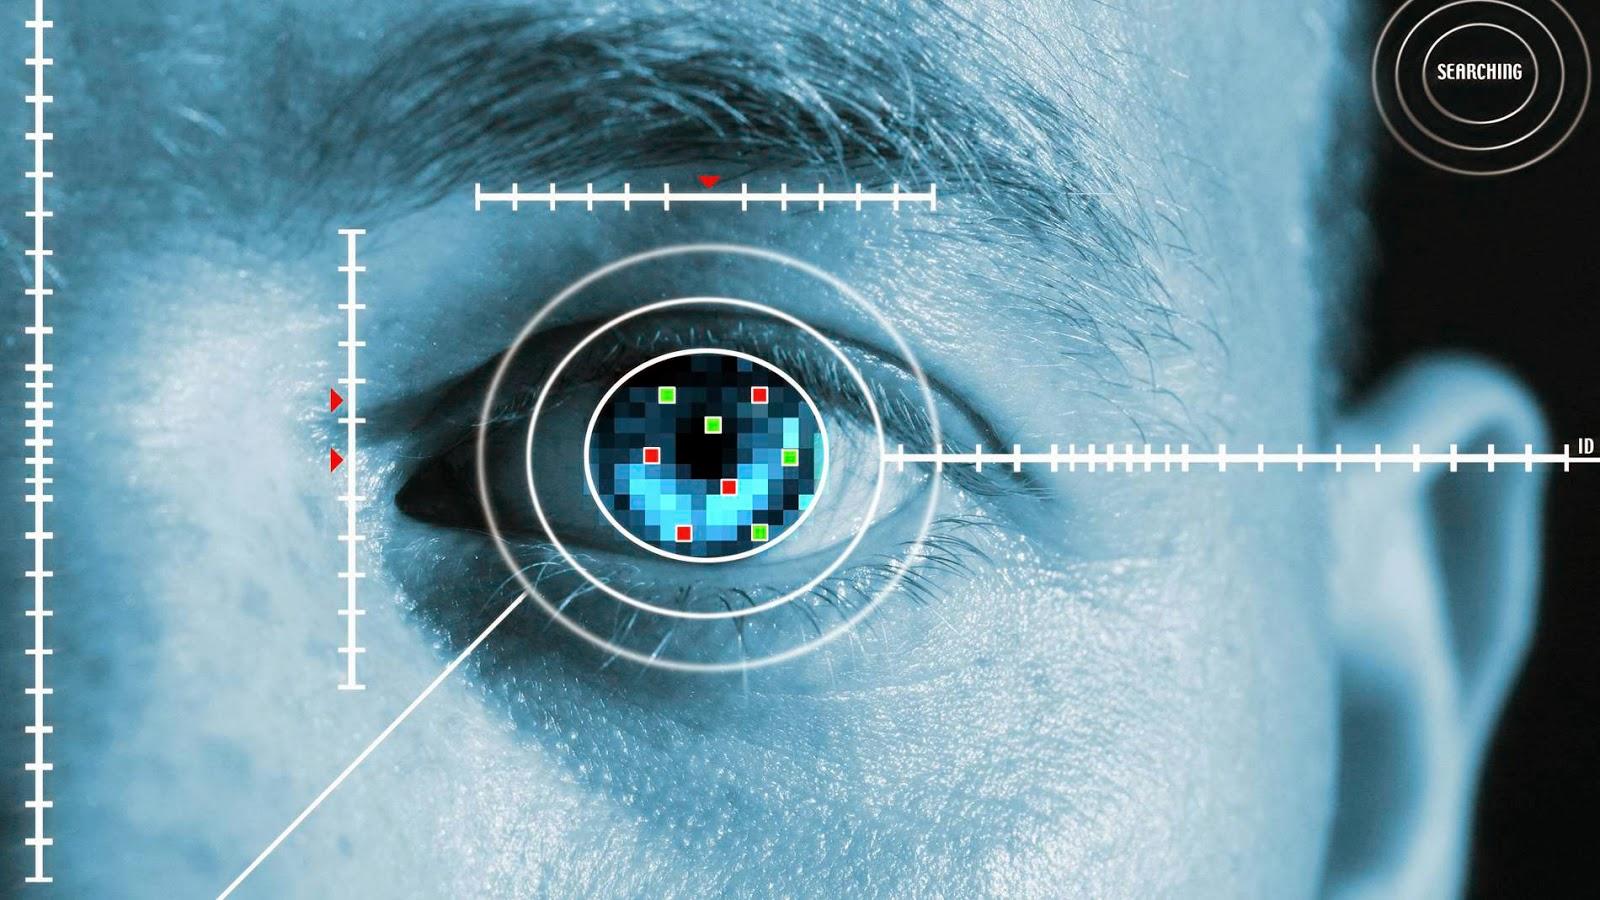 Riconoscimento biometrico: giurisprudenza a livello comunitario e nazionale